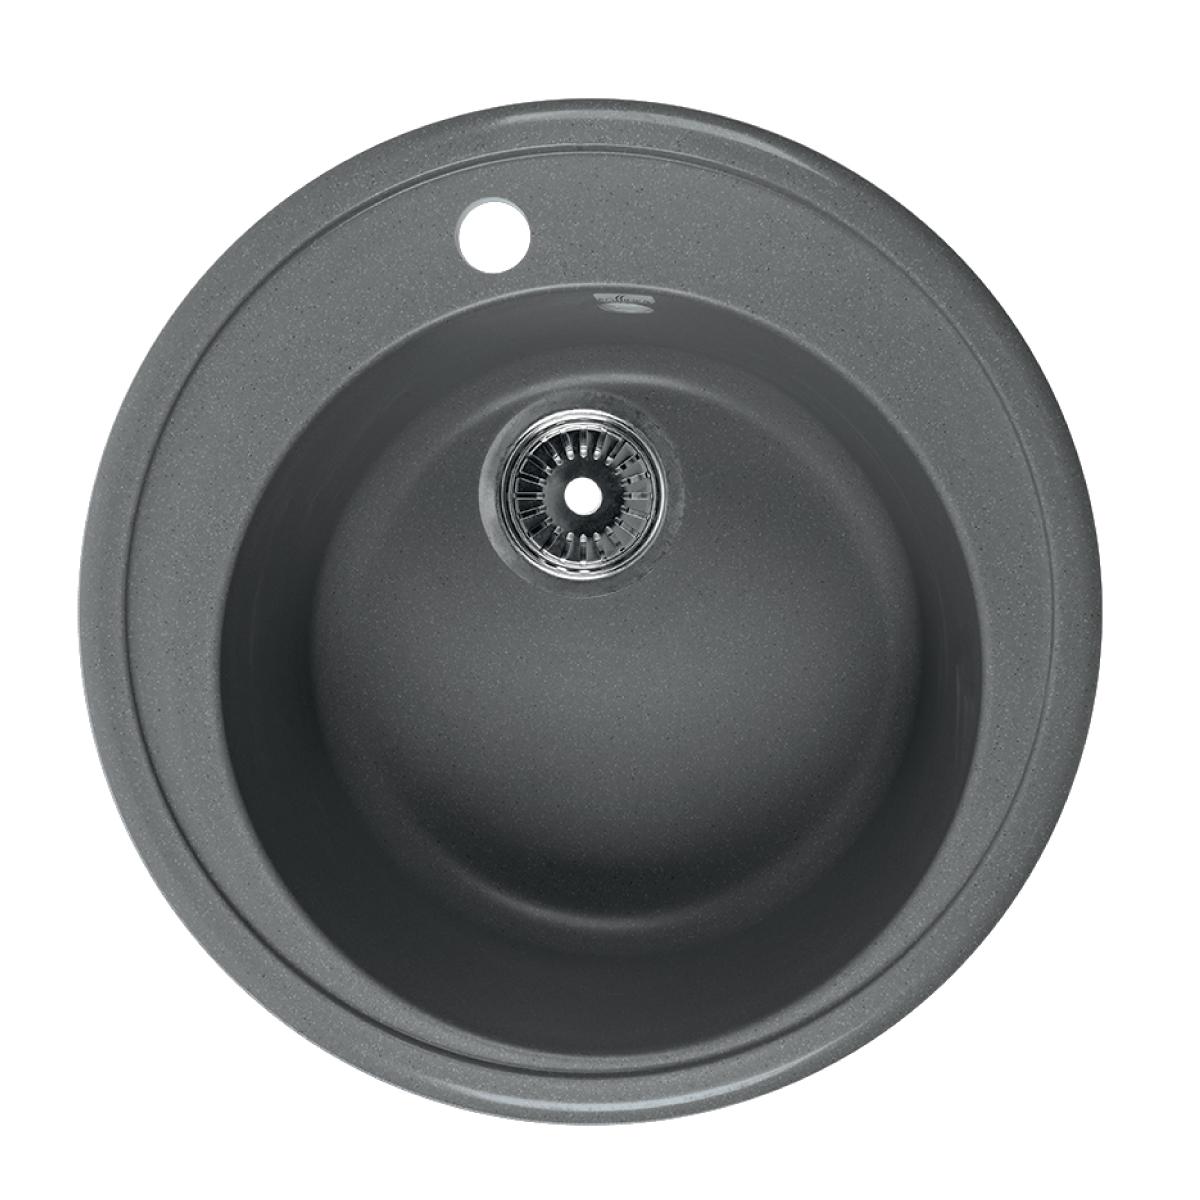 Мойка Rossinka для кухни из исскуственного камня круглая, с сифоном, RS51R-Gray